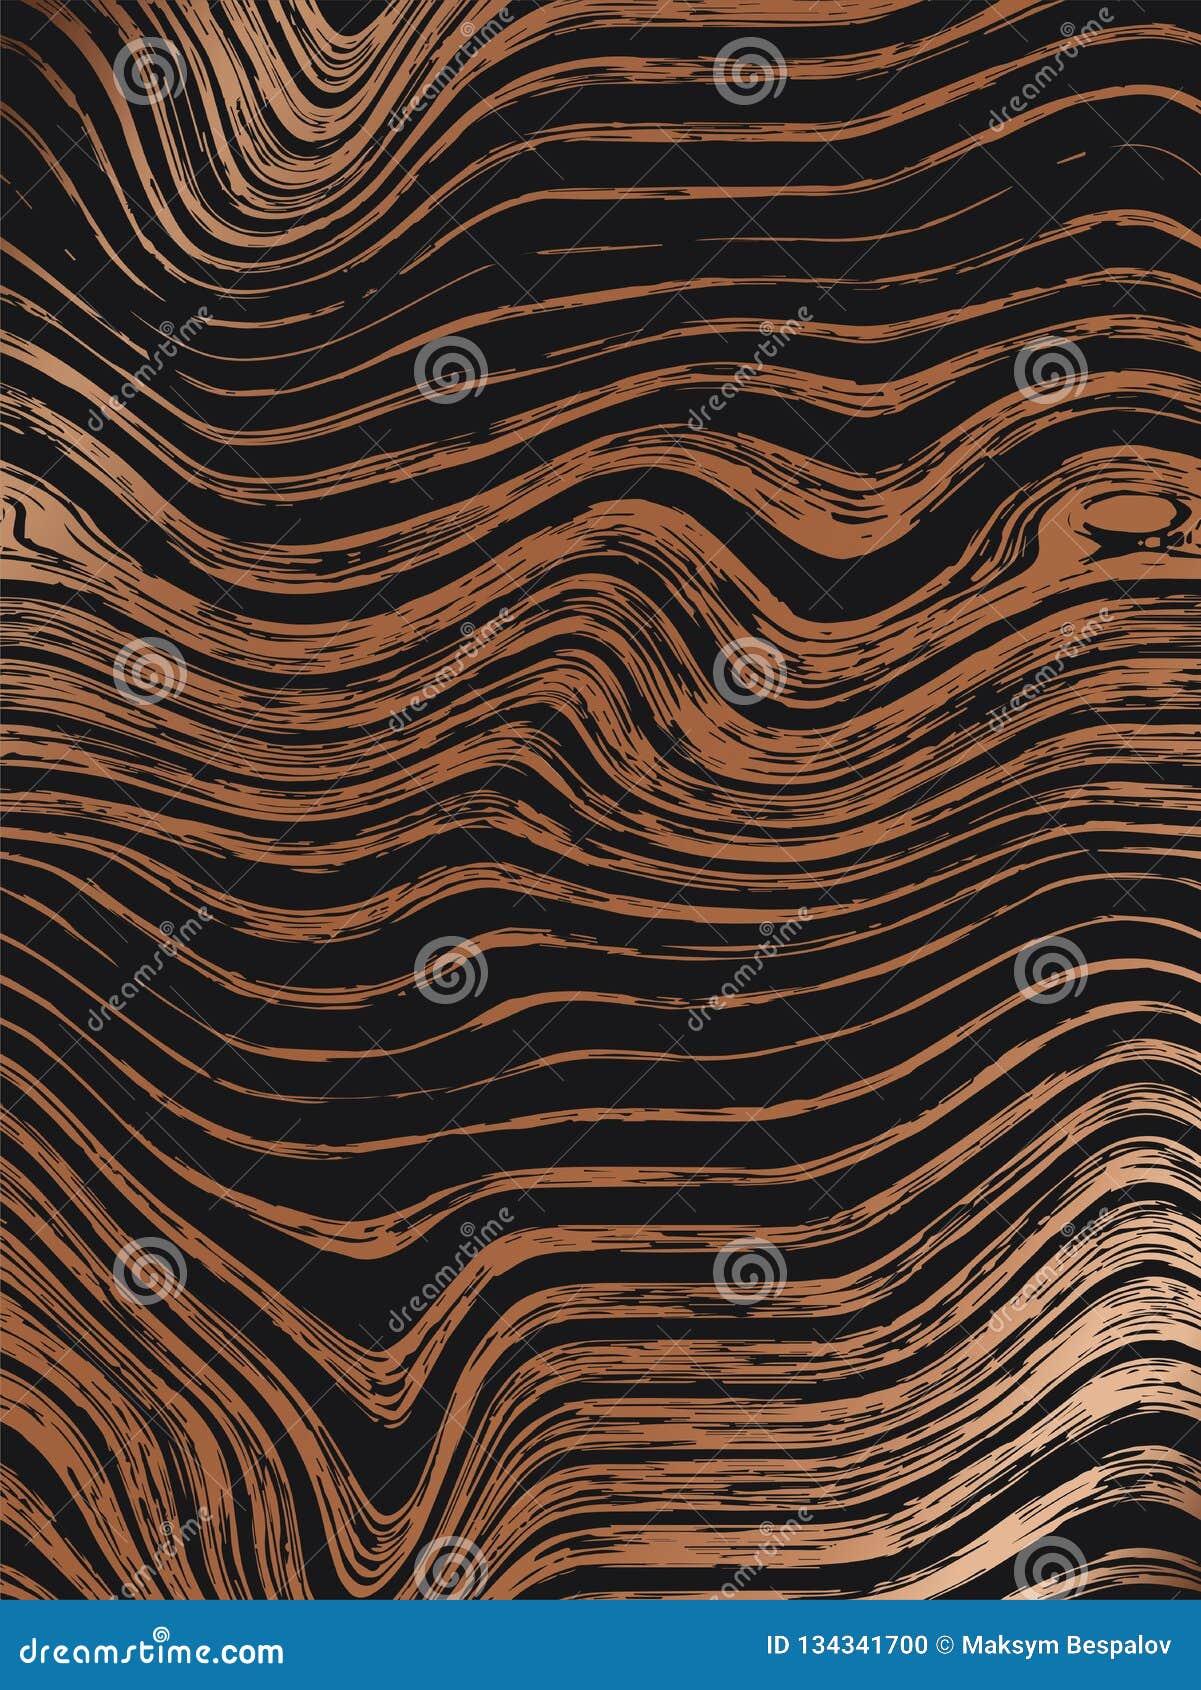 Абстрактная деревянная картина золота текстурирует предпосылку Безшовная роскошная деревянная текстура, график руки доски вычерче